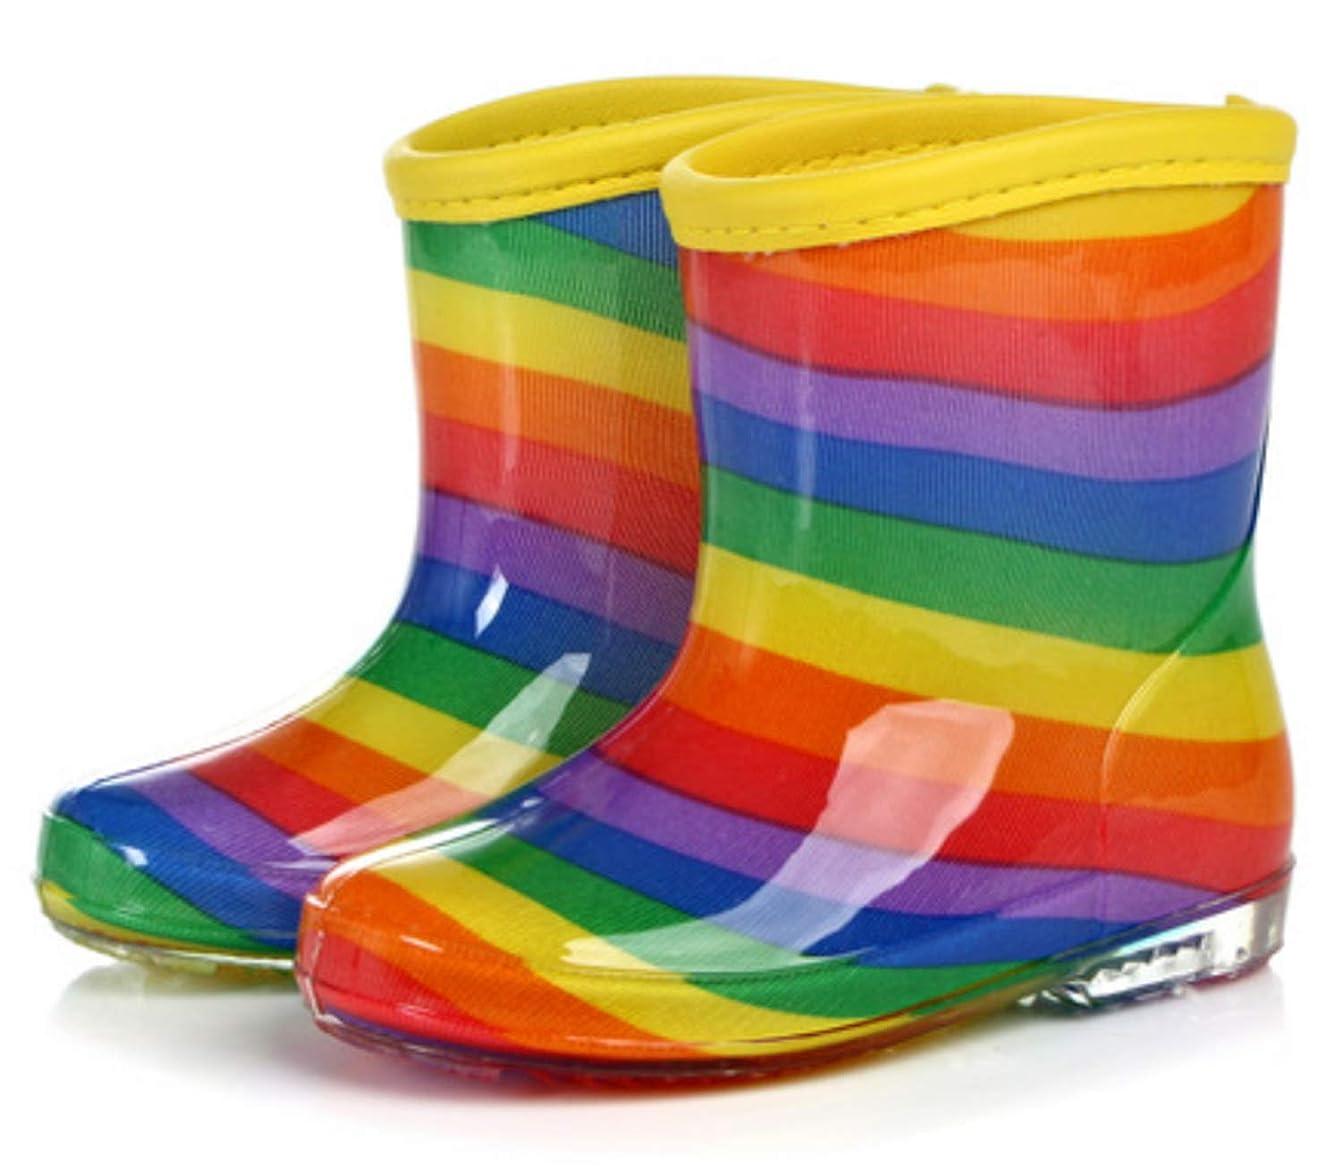 タブレット着る不条理[Yogly] (ヤンググロリ) キッズレインシューズ Rainbow 長靴 レインブーツ レインシューズ かわいい パターン キッズ 女の子 男の子 ジュニア 長靴 雪 子供靴 15cm 16cm 17cm 18cm 19cm 20cm 21cm